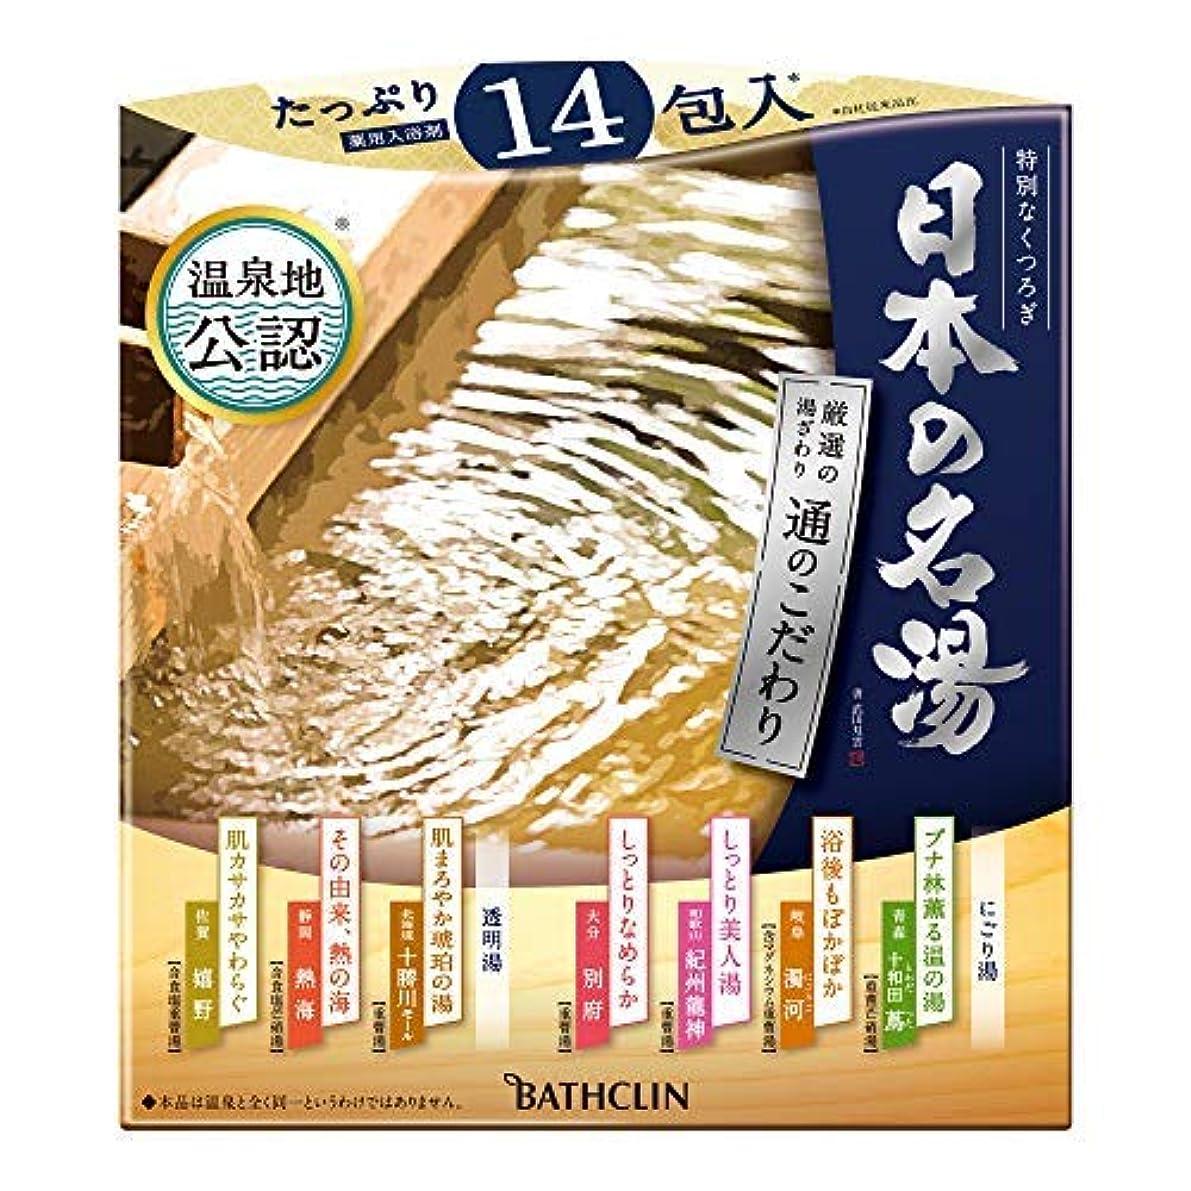 びっくりする金銭的な模索日本の名湯 通のこだわり 30g×14包 × 3個セット